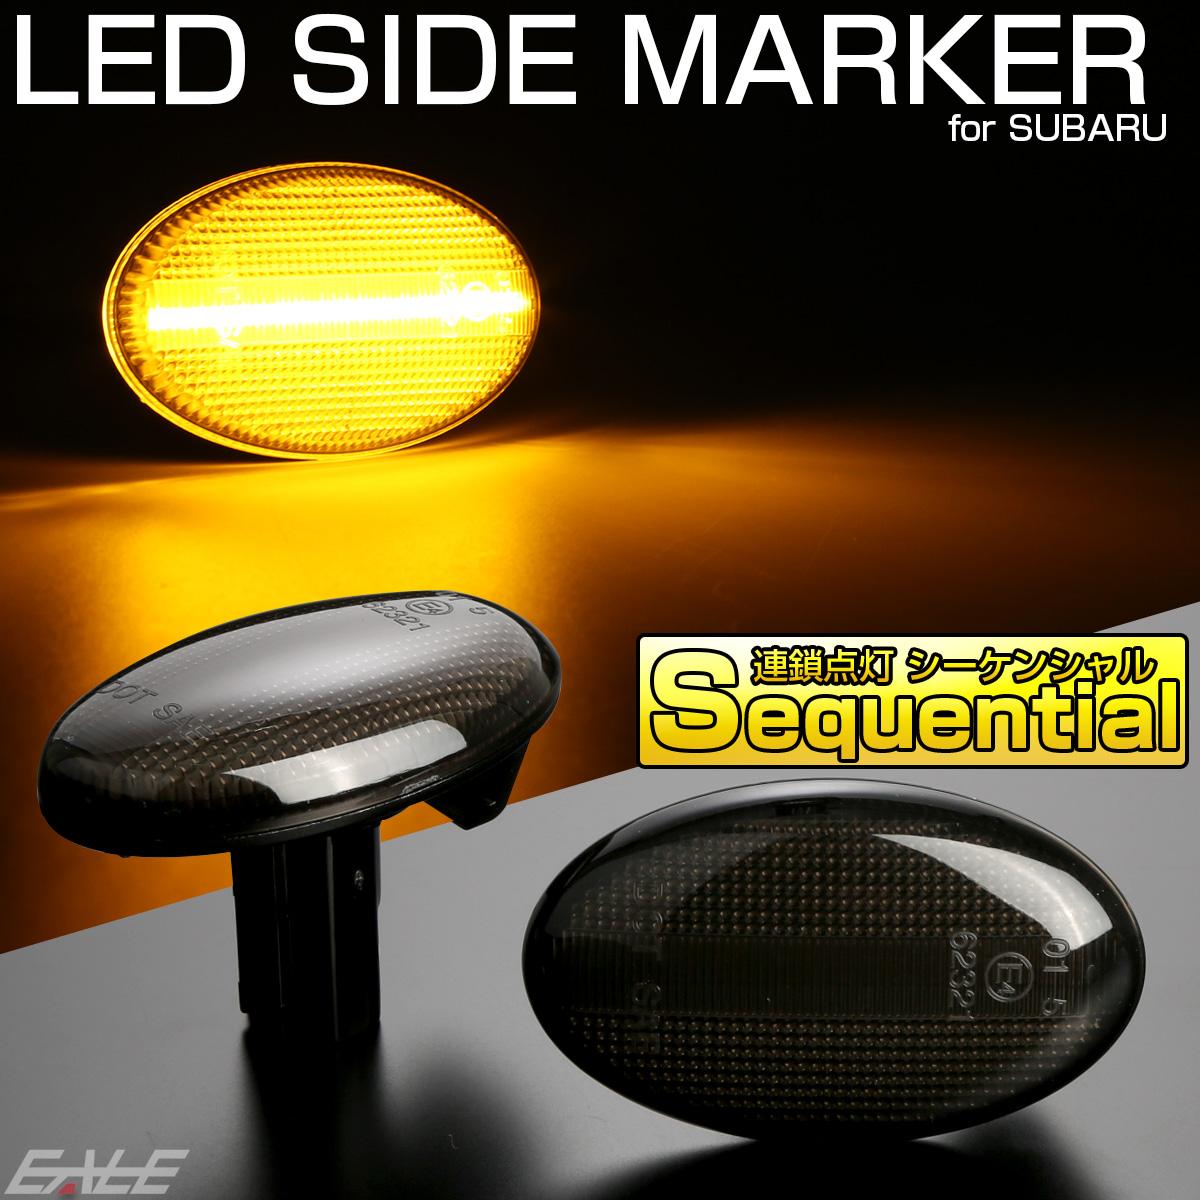 LED サイドマーカー シーケンシャル ウインカー スモーク インプレッサ レガシィ フォレスター プレオ サンバー F-542